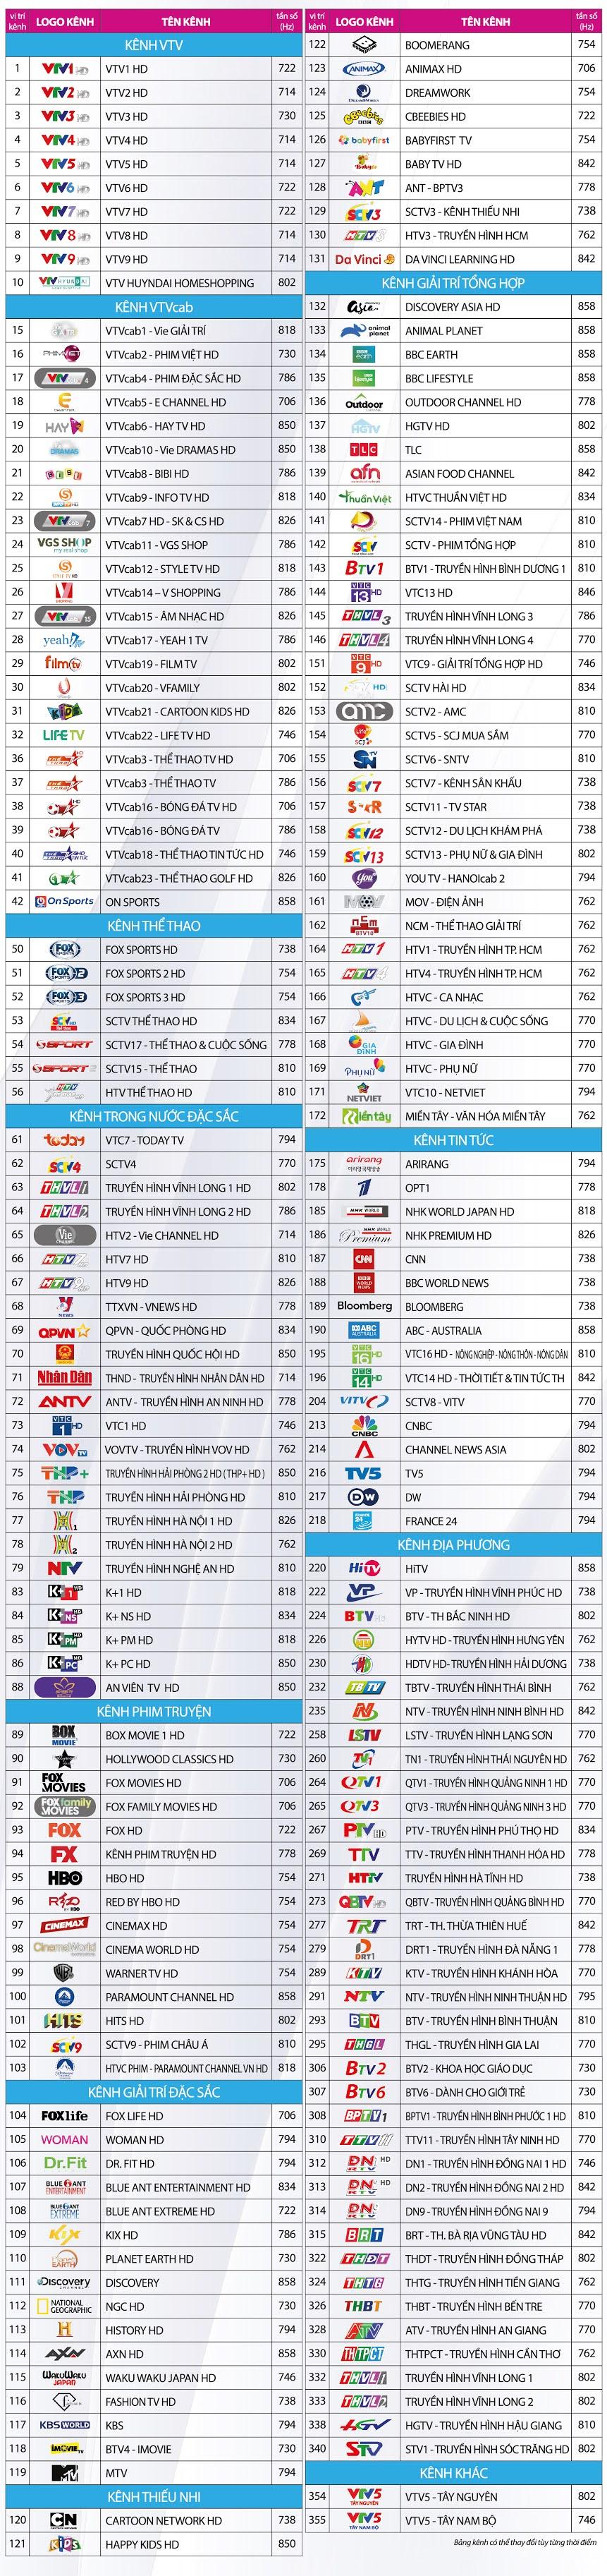 Danh sách kênh trên hệ thống truyền hình số HD của VTVCab